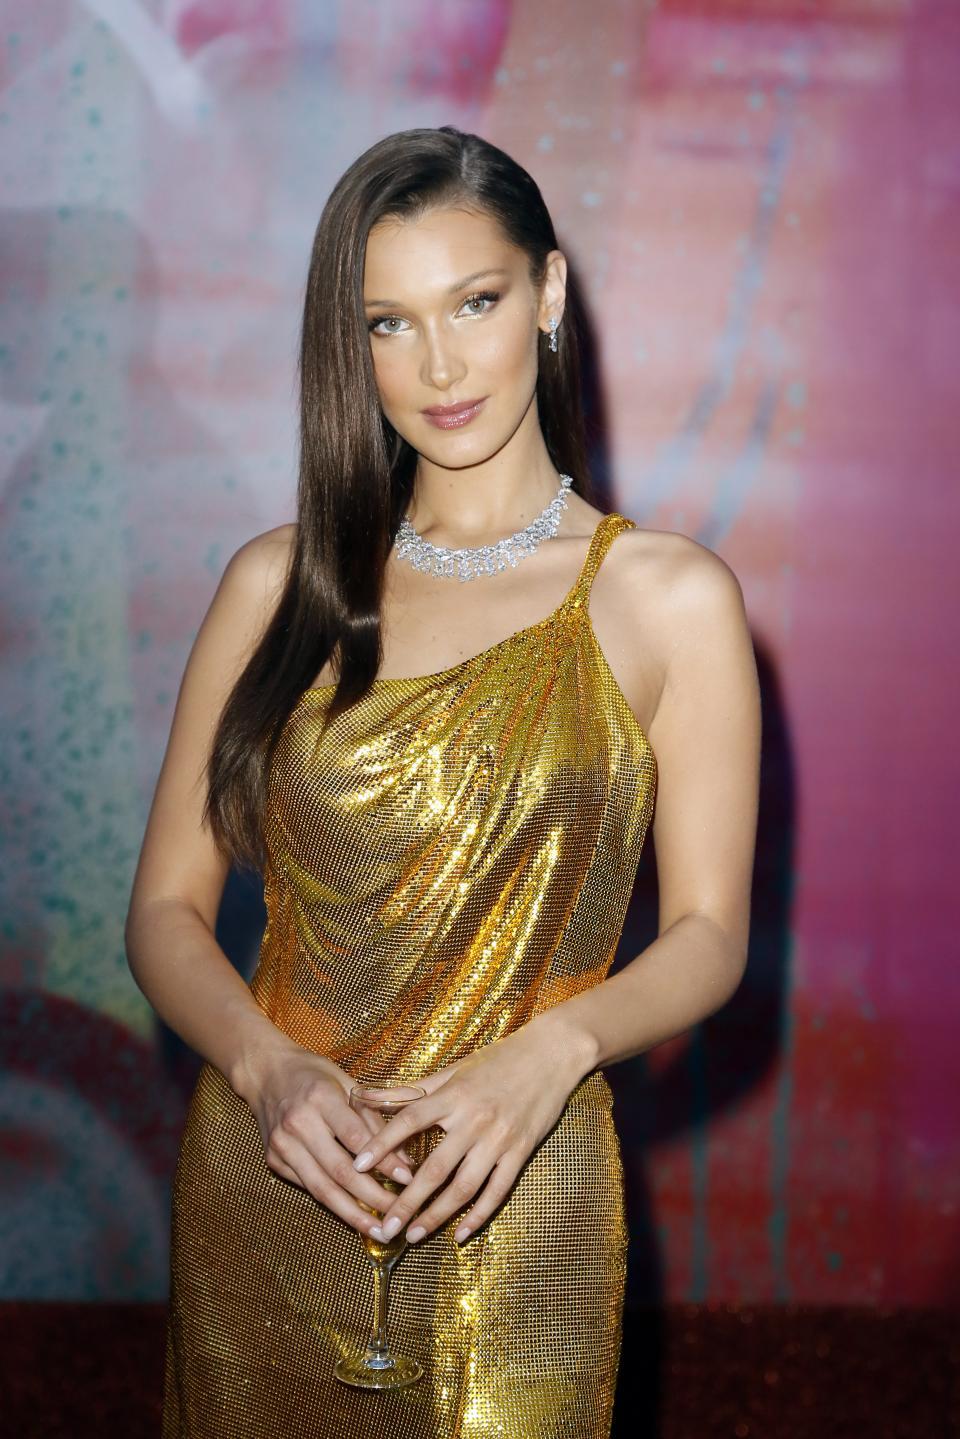 Световноизвестният моделБела Хадид за пореден път показа, че сияе като истинско бижуна червения килим. Красавицата бе сред гостите на светско събитие в Италия и привлече всички погледи с изумителна рокля със златисти отблясъци., Акцент в тоалета бе голямата цепка, която разкривашебезупречните крака на модела. Бела Хадид бе подбрала сребристи бижута като допълнение към роклята.